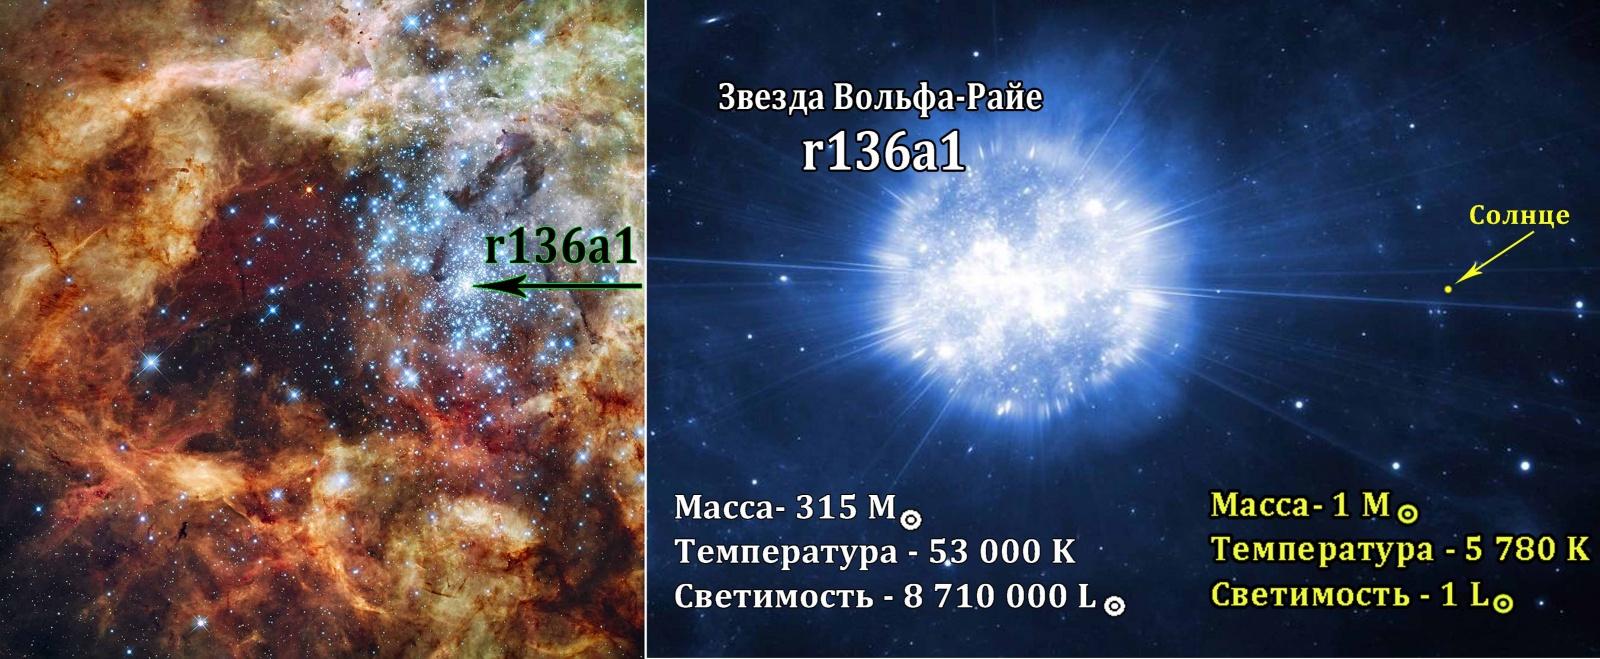 Звезды Вольфа-Райе — монстры под вуалью - 3